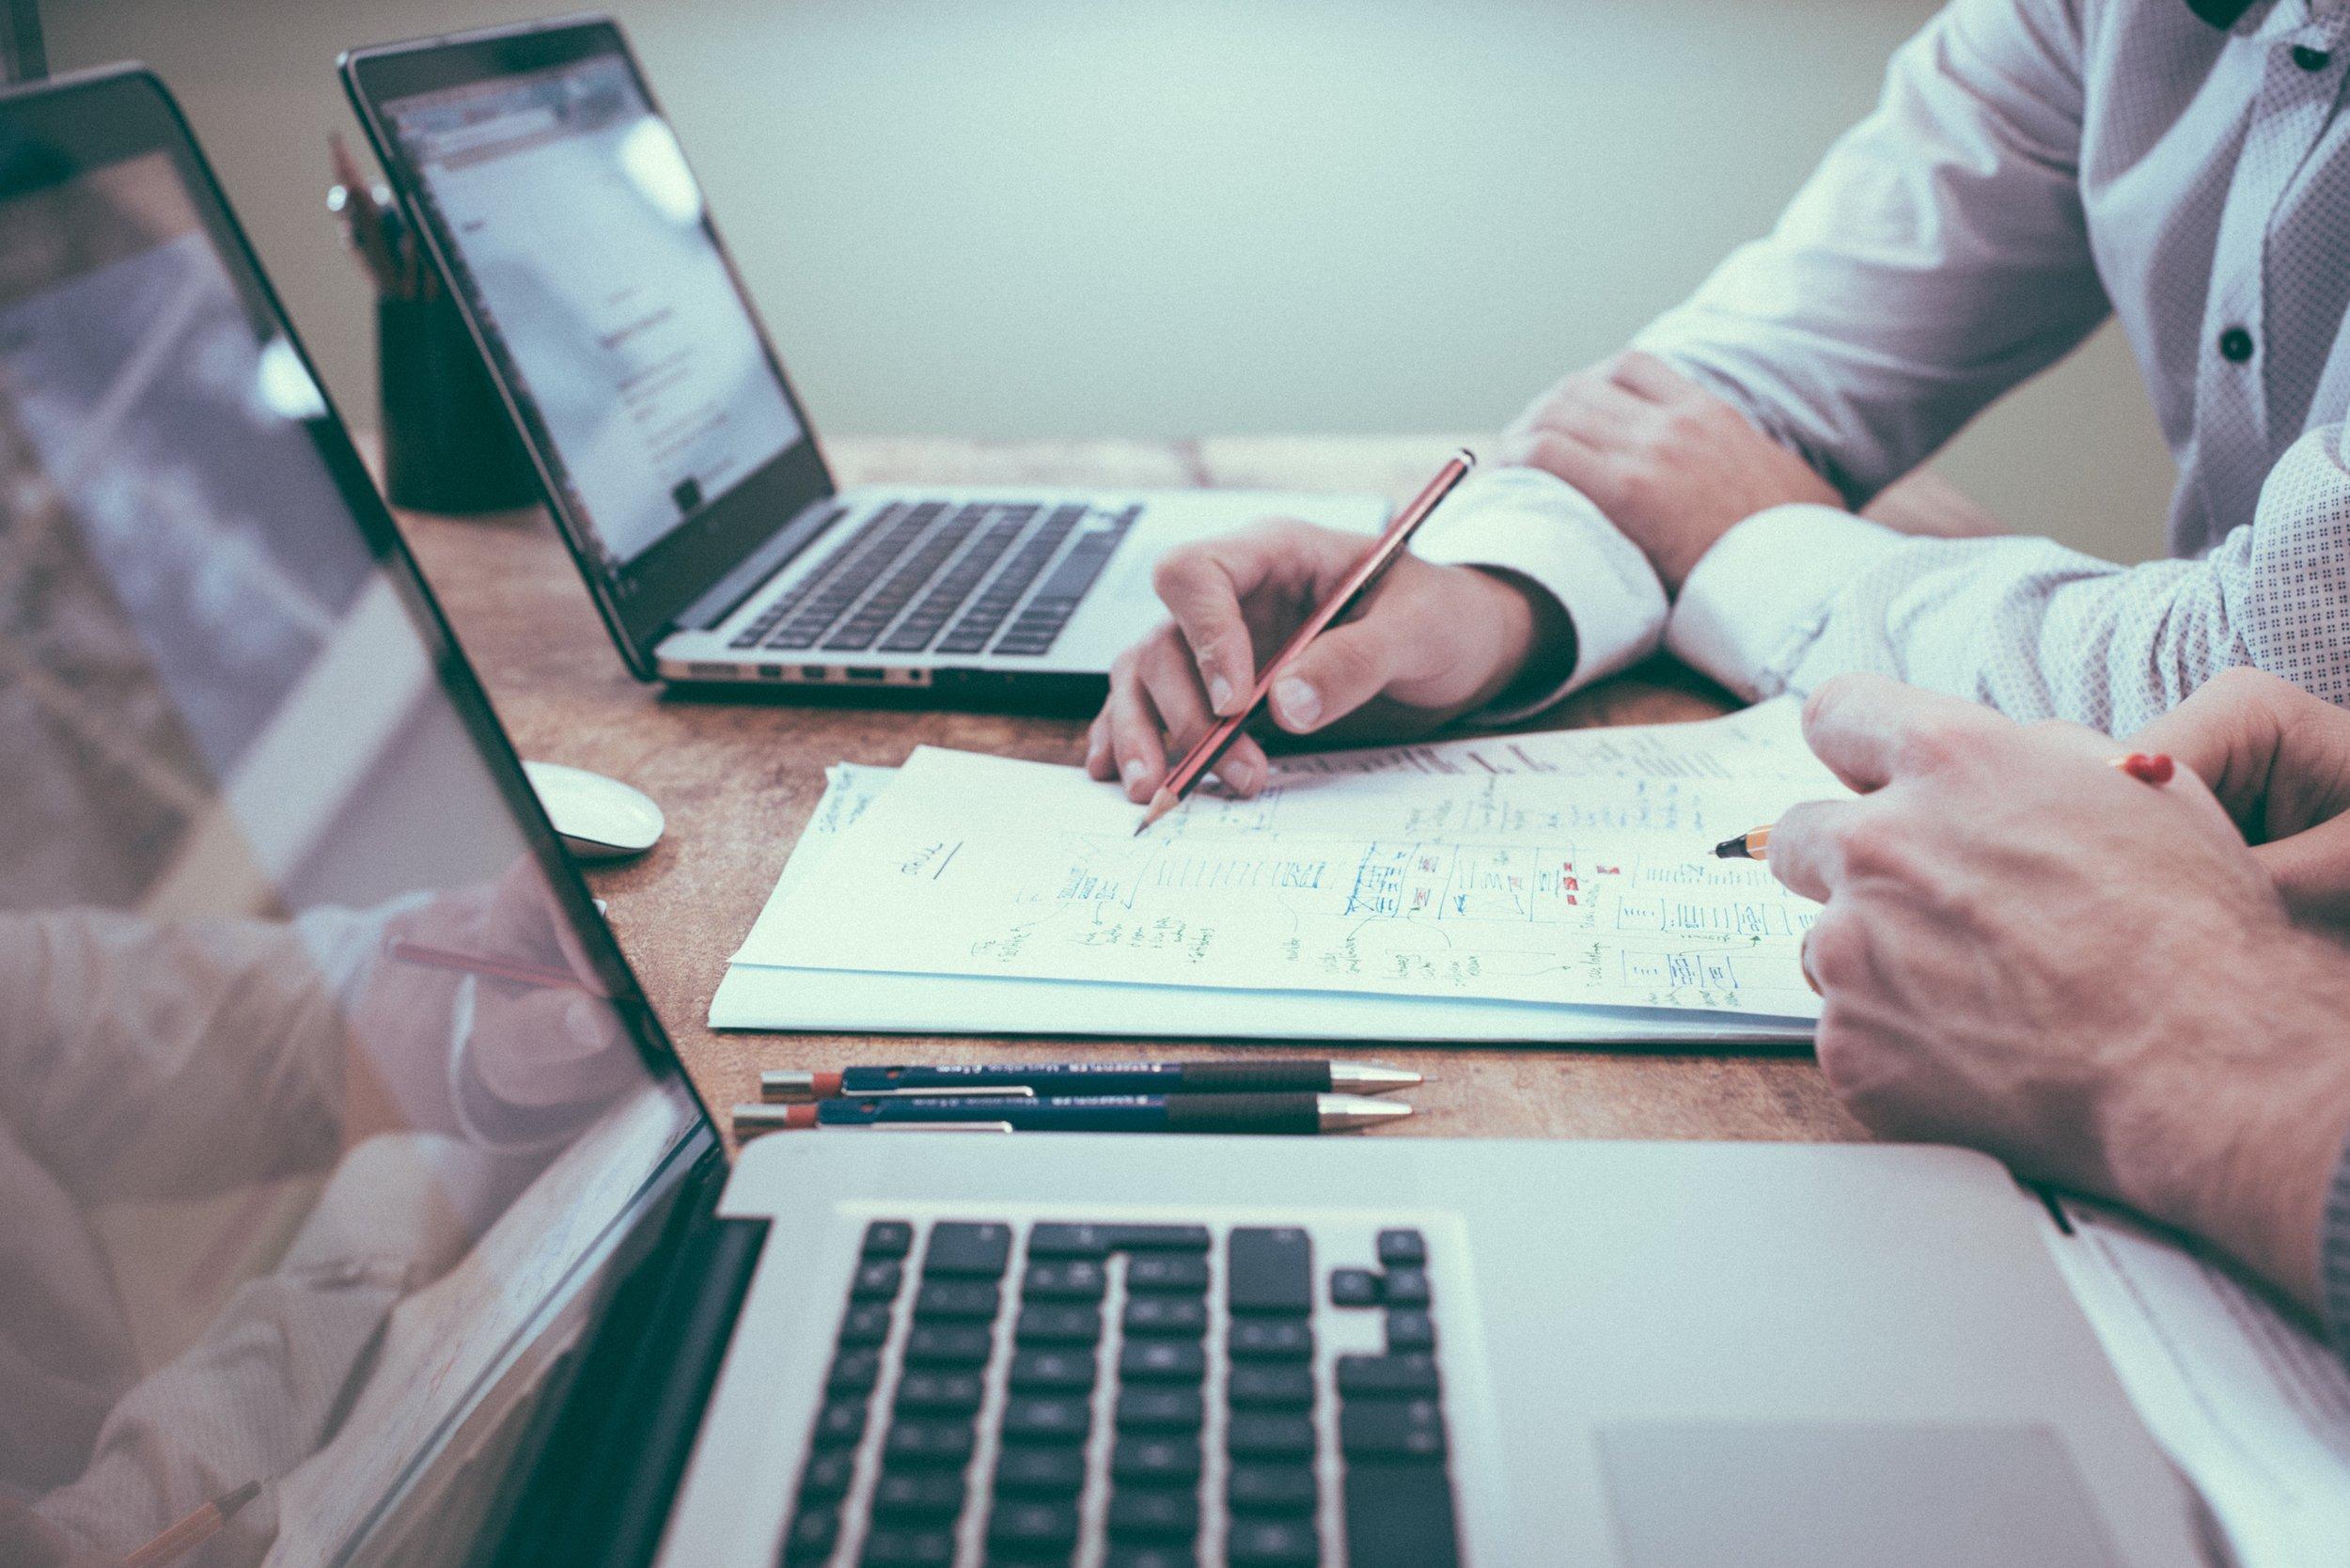 Ökad digital kapacitet i organisationen - Digital mognad beskriver hur långt ett företag kommit i sin digitala transformation. Den digitala mognad är nära sammanflätad med förmågan att att skapa långsiktig lönsamhet i konkurrensutsatta marknader. Vi mäter organisationens nuläge, Digitalt mognats index och använder en arbetsmetodik som hjälper företaget att förbereda den digitala transformationen. Vi guidar genom mognadssteg och svarar på frågorna varför och var, hur skall det gå till och vad gör vi för att sprida och skala upp de nya sätten att arbeta.